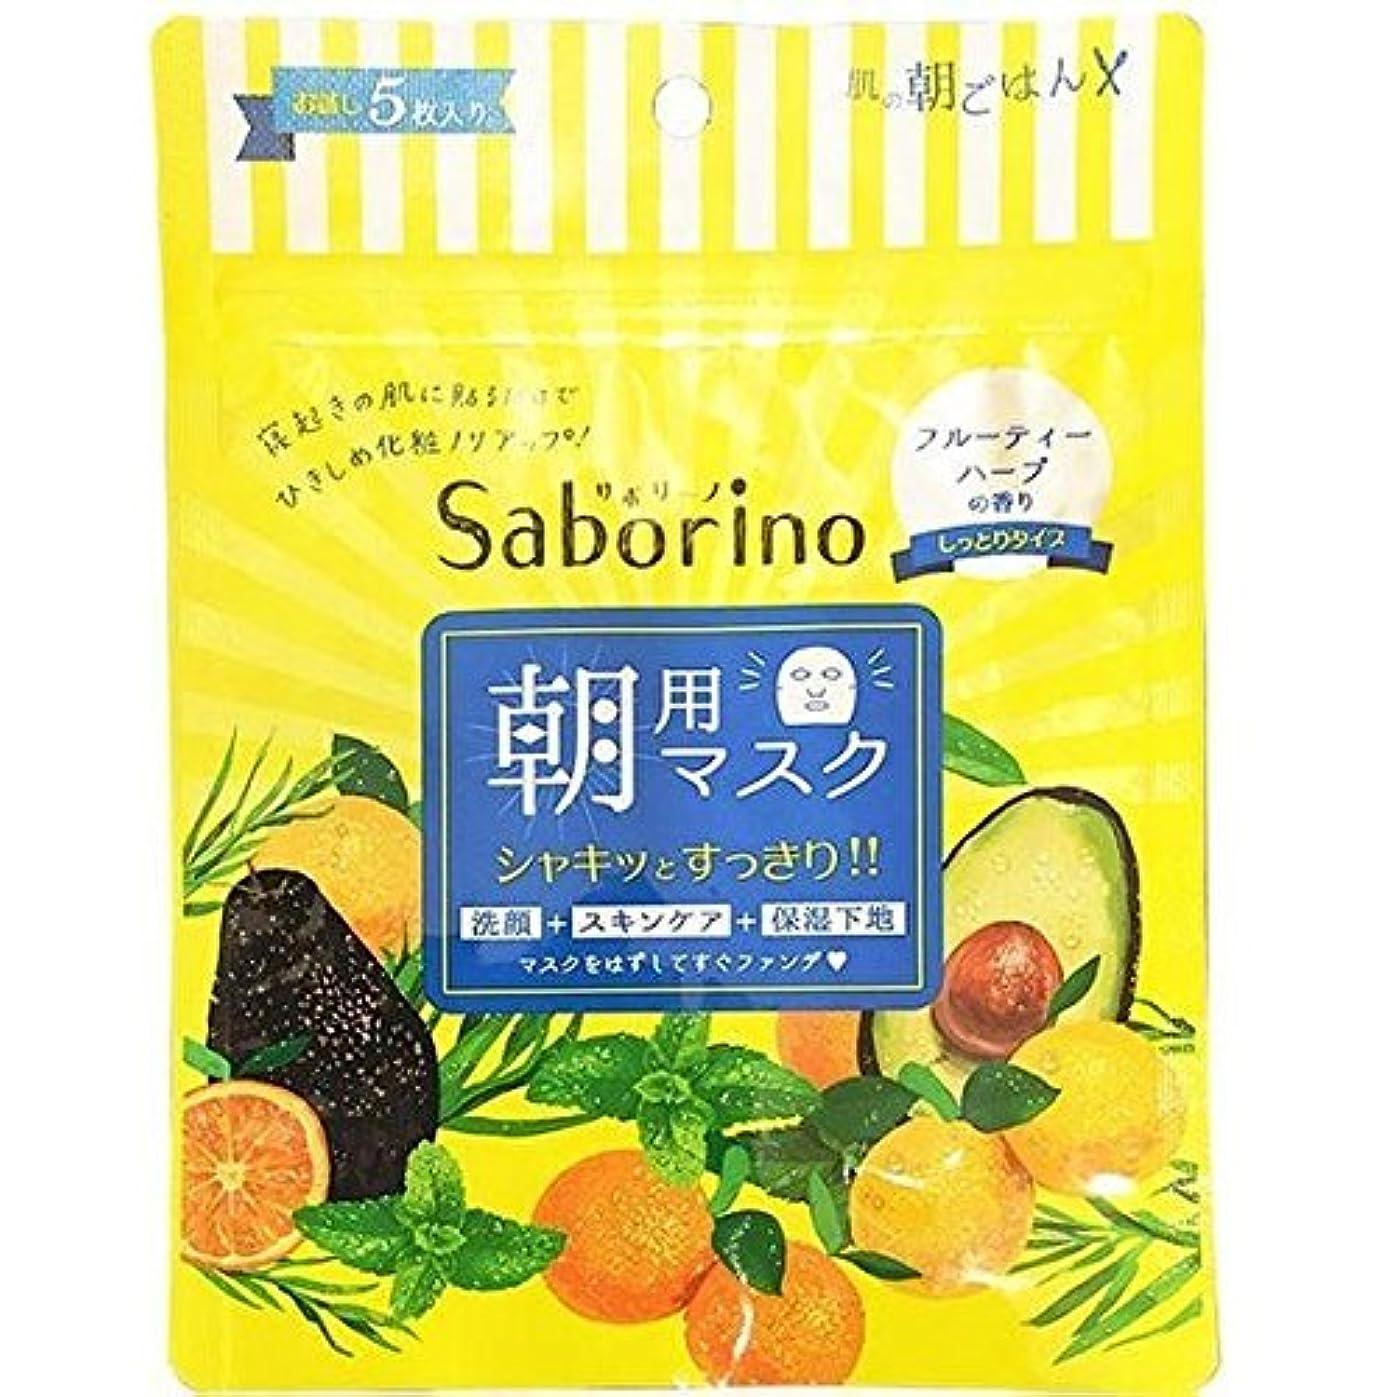 食堂再生可能ほとんどの場合Saborino(サボリーノ)  目ざまシート(5枚入)